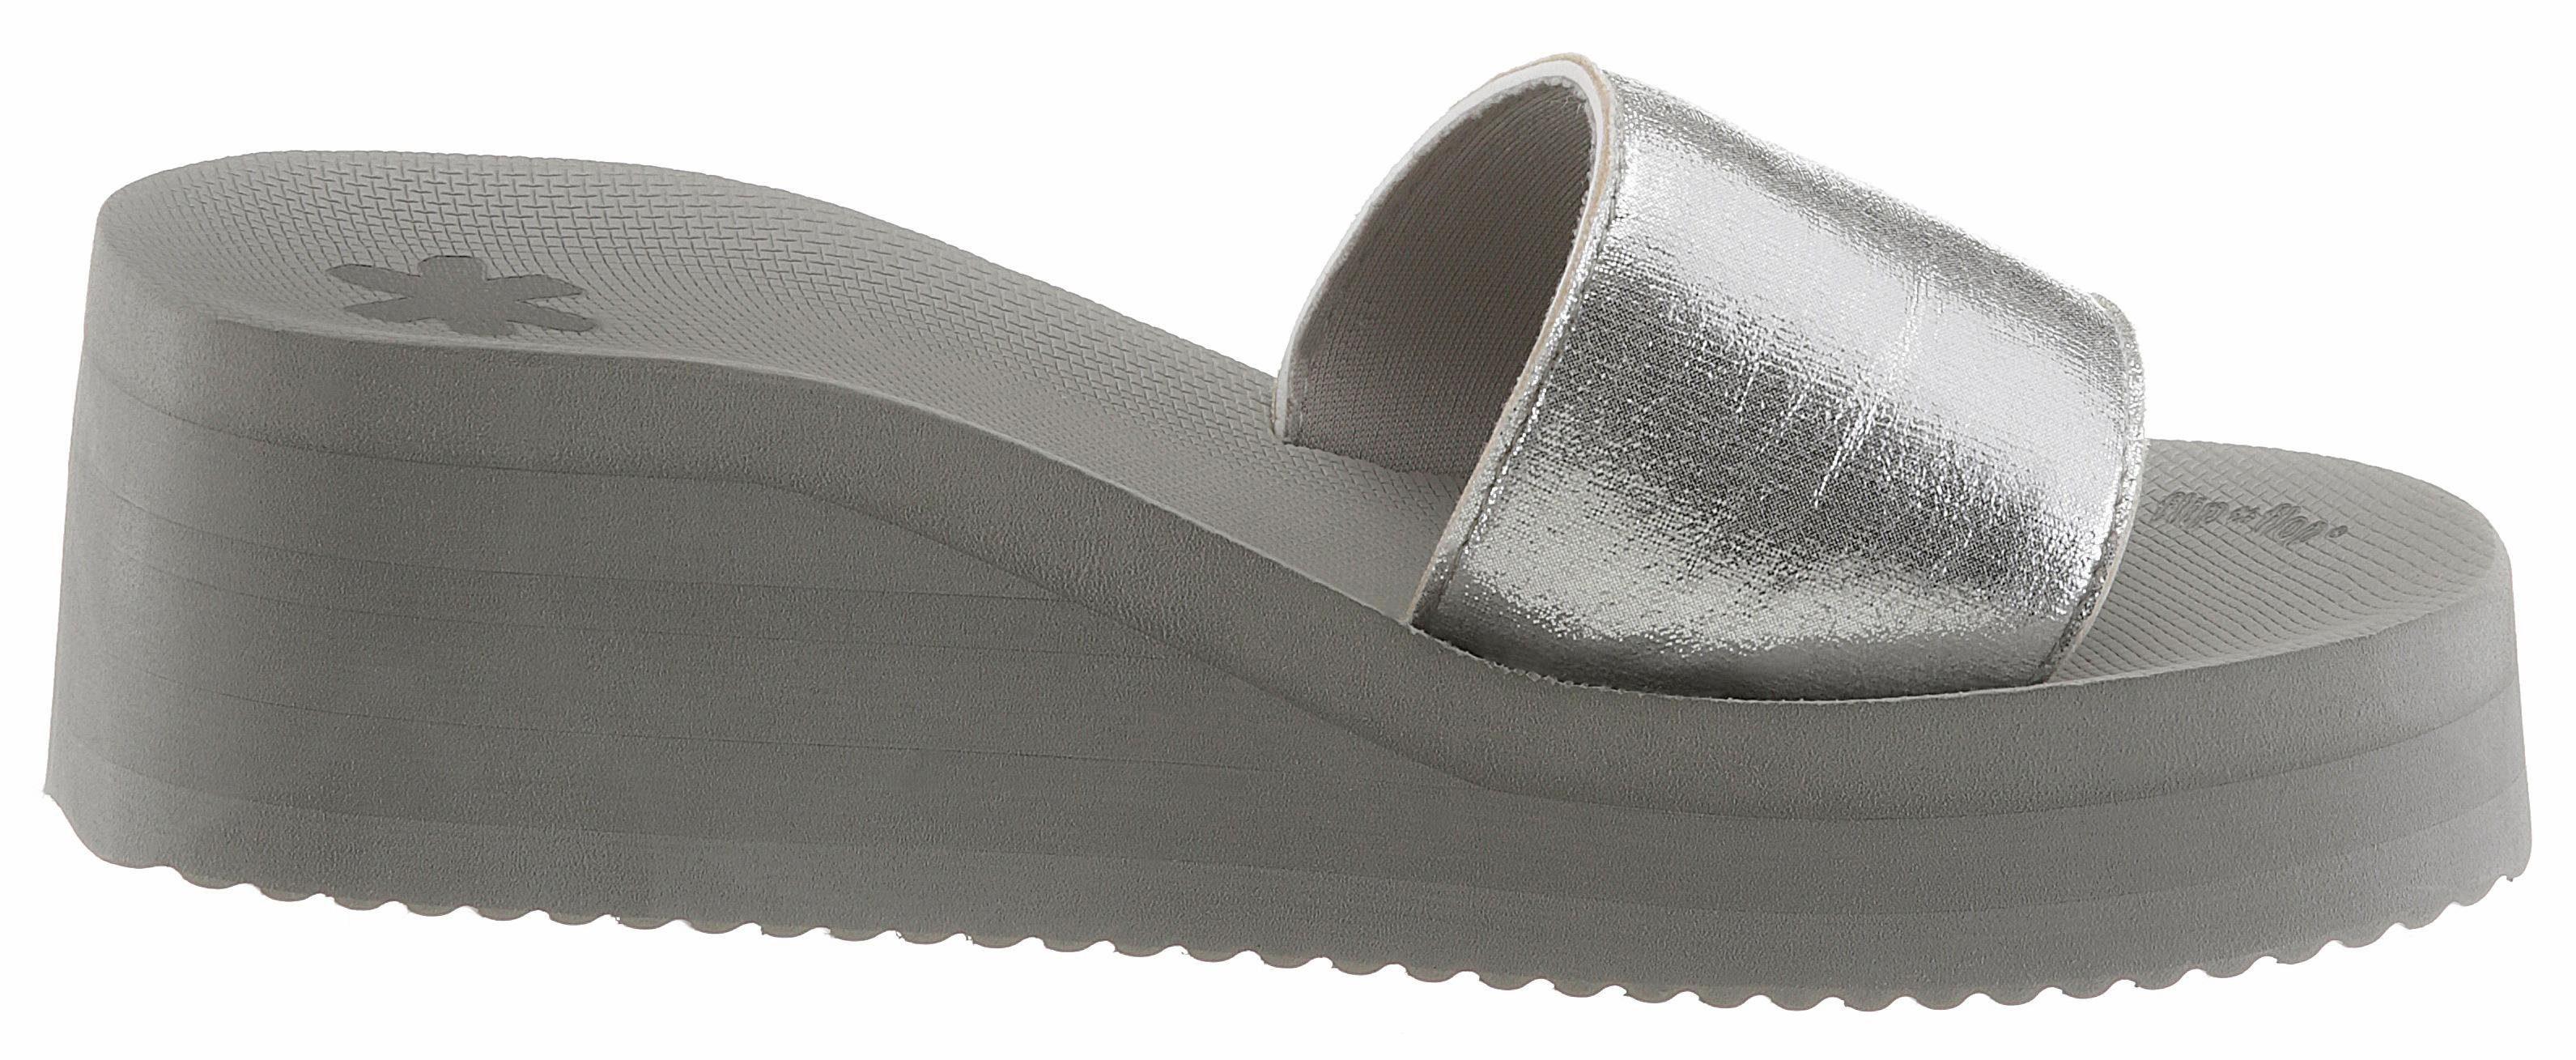 Flip Flop Pantolette, mit modischem Keilabsatz  silberfarben